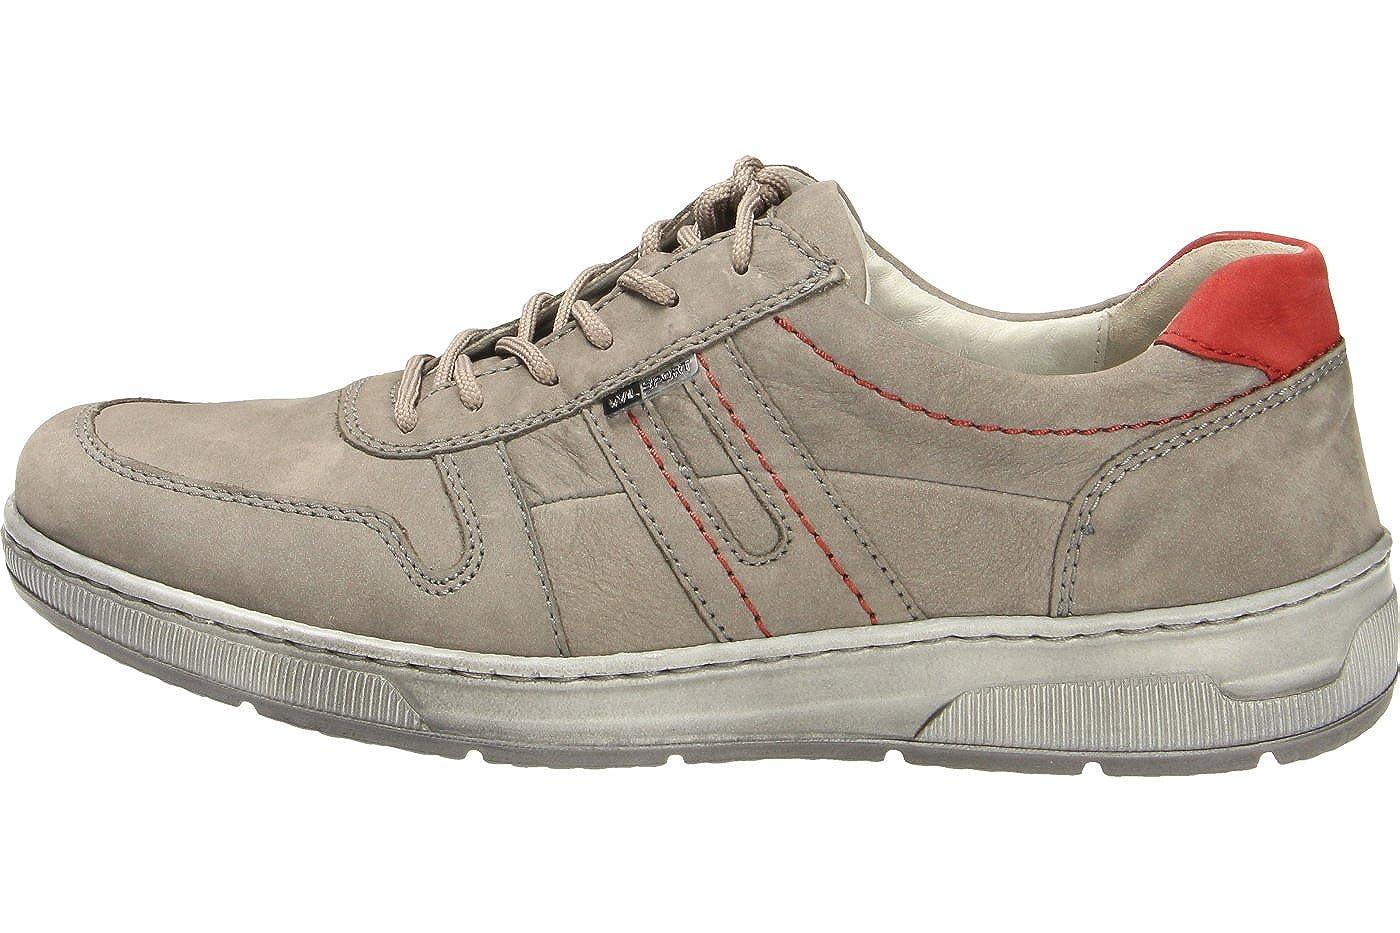 Waldläufer 365003 - Zapatos de cordones para hombre, color, talla 42.5 EU